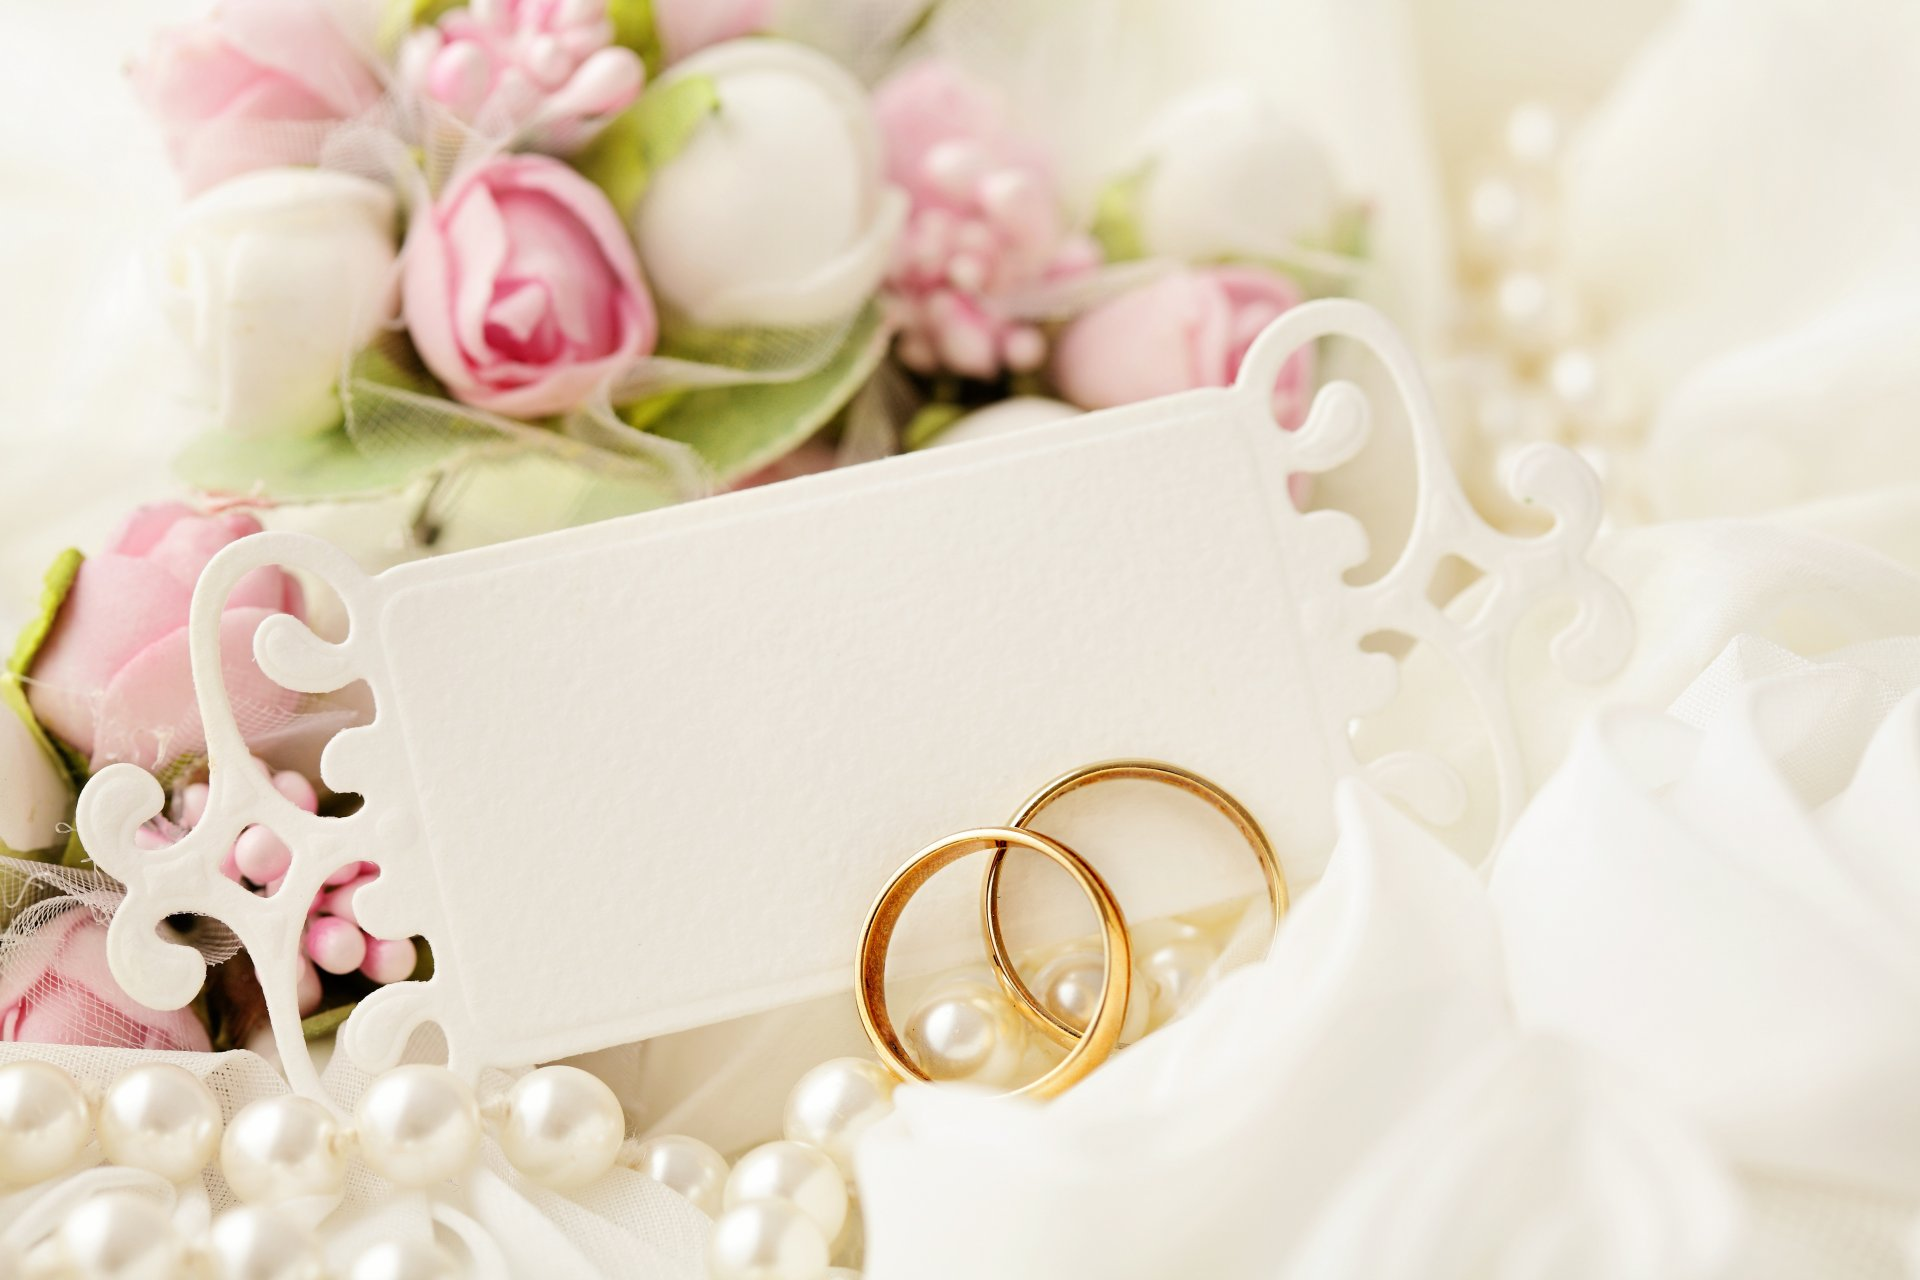 фотографиями фон для свадебных картинок для изготовления вертепа